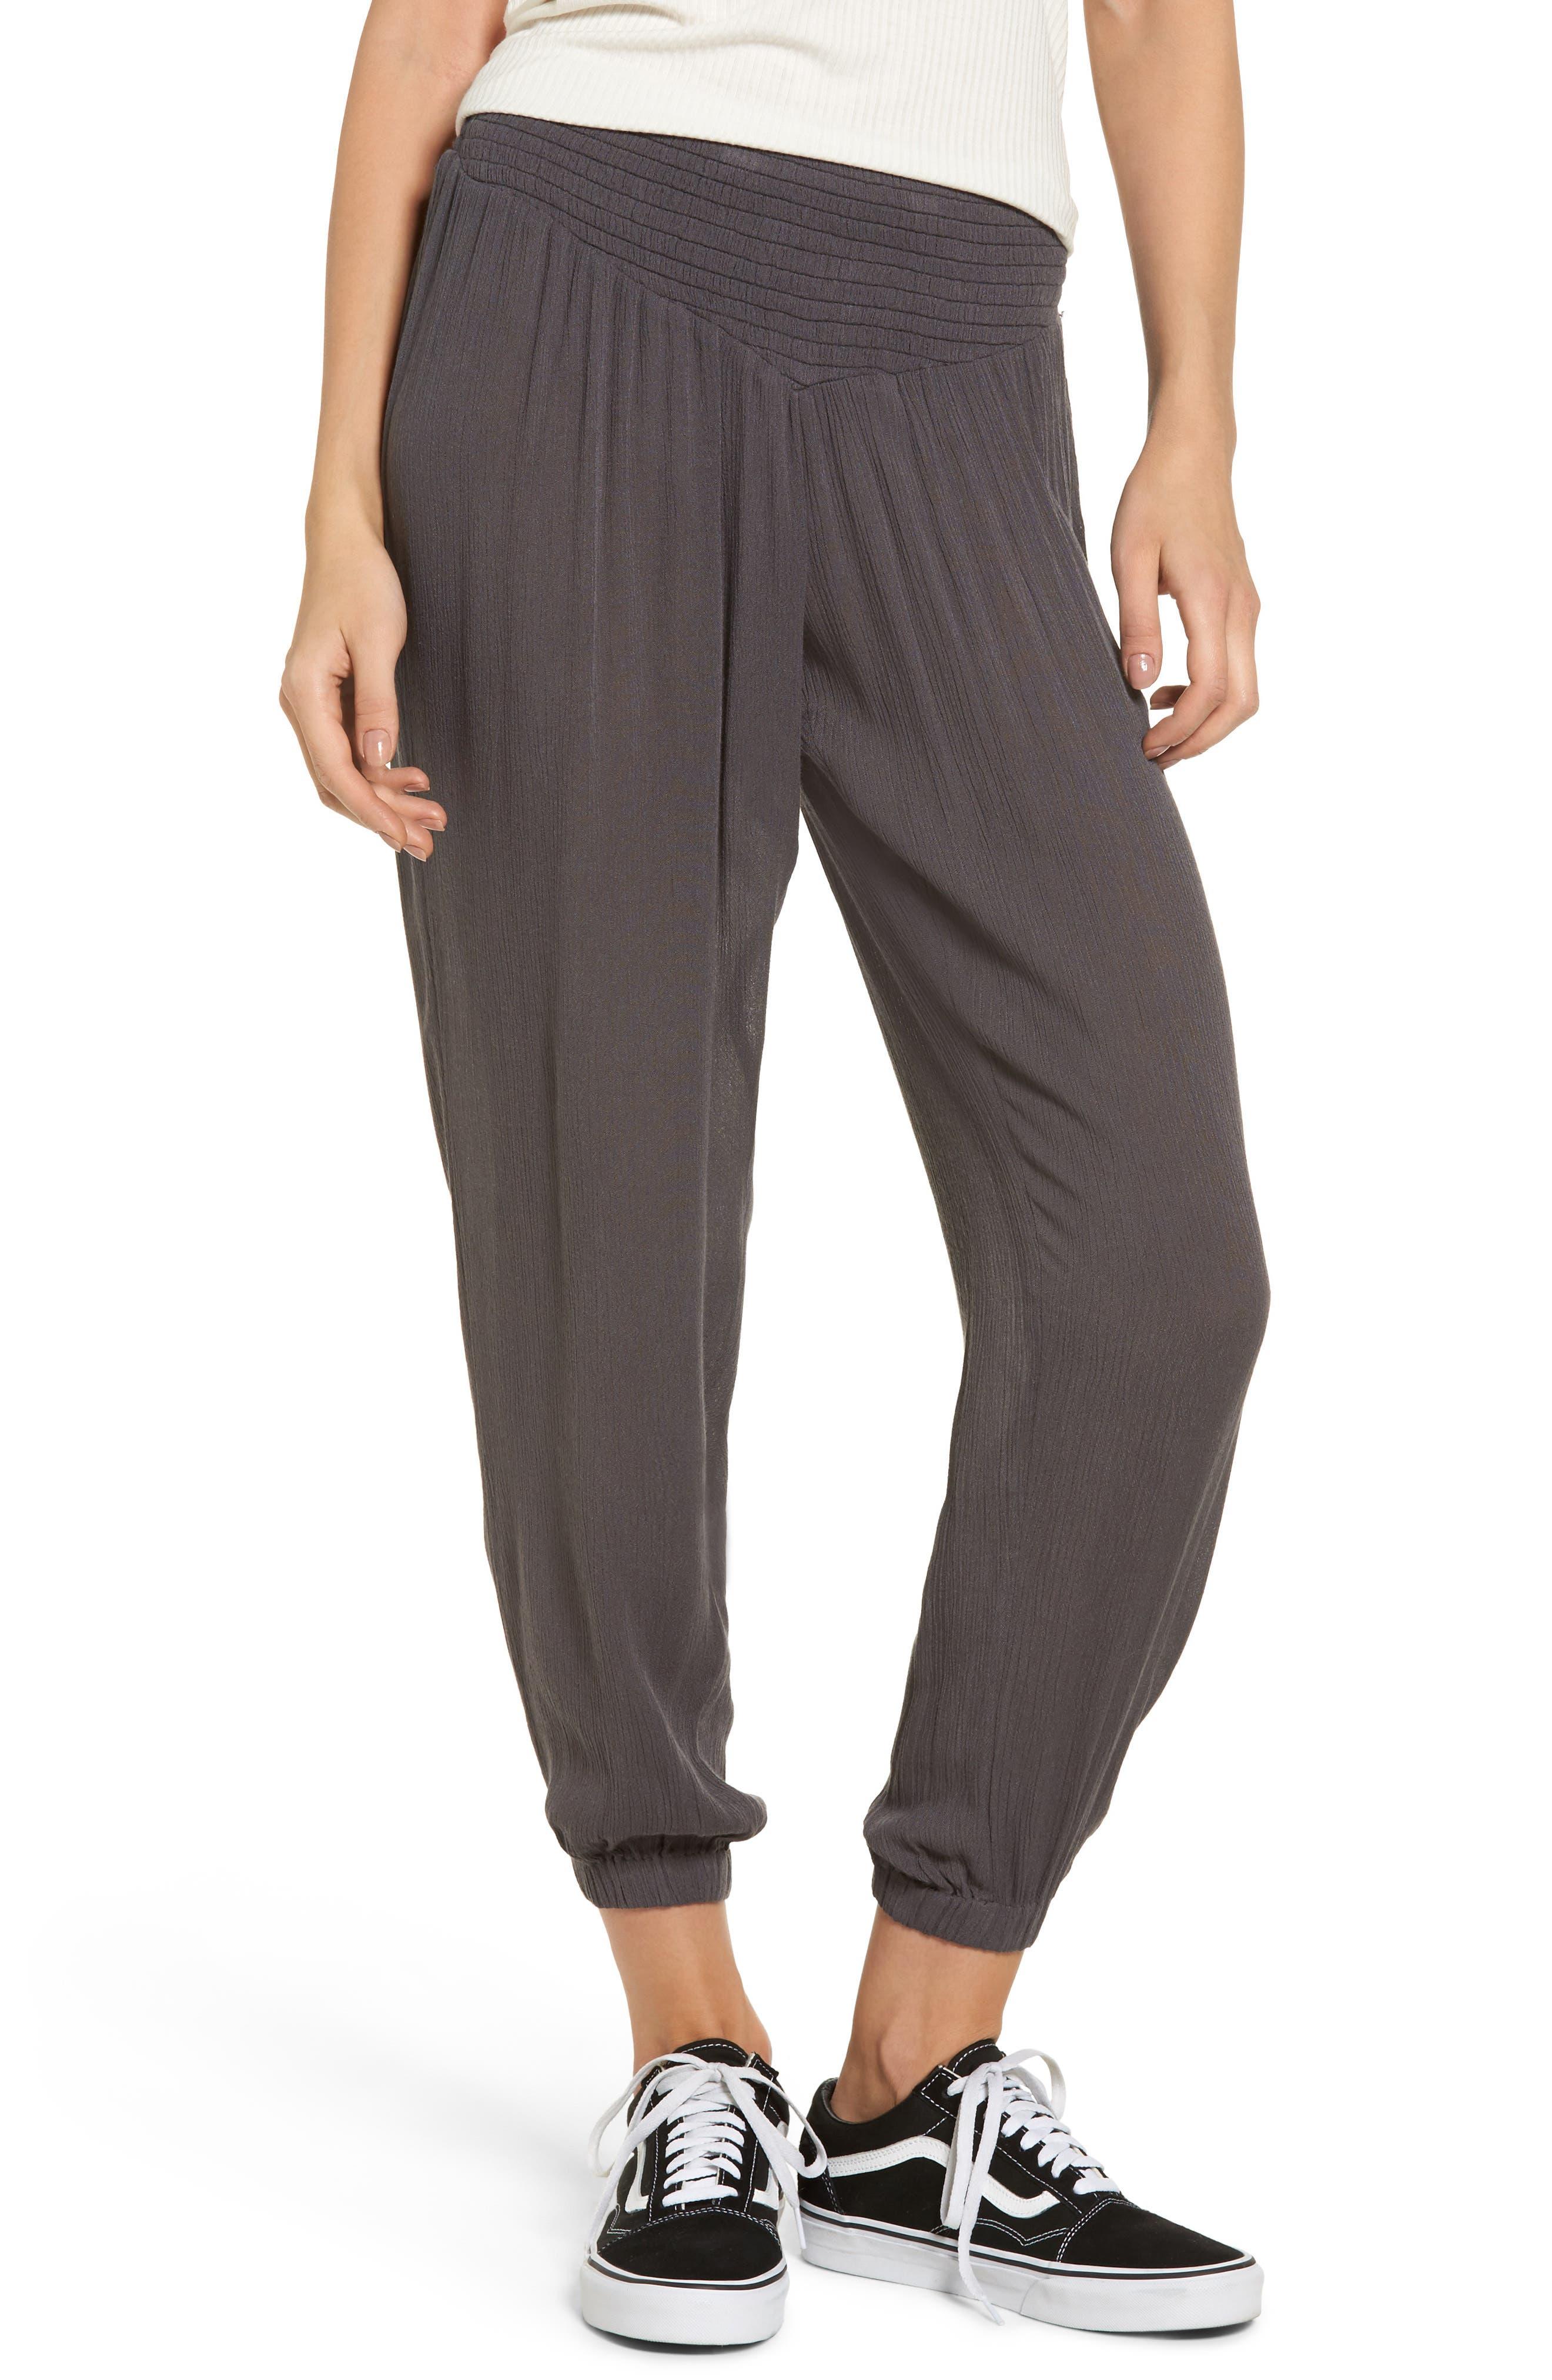 South Shore Pants,                         Main,                         color, 020